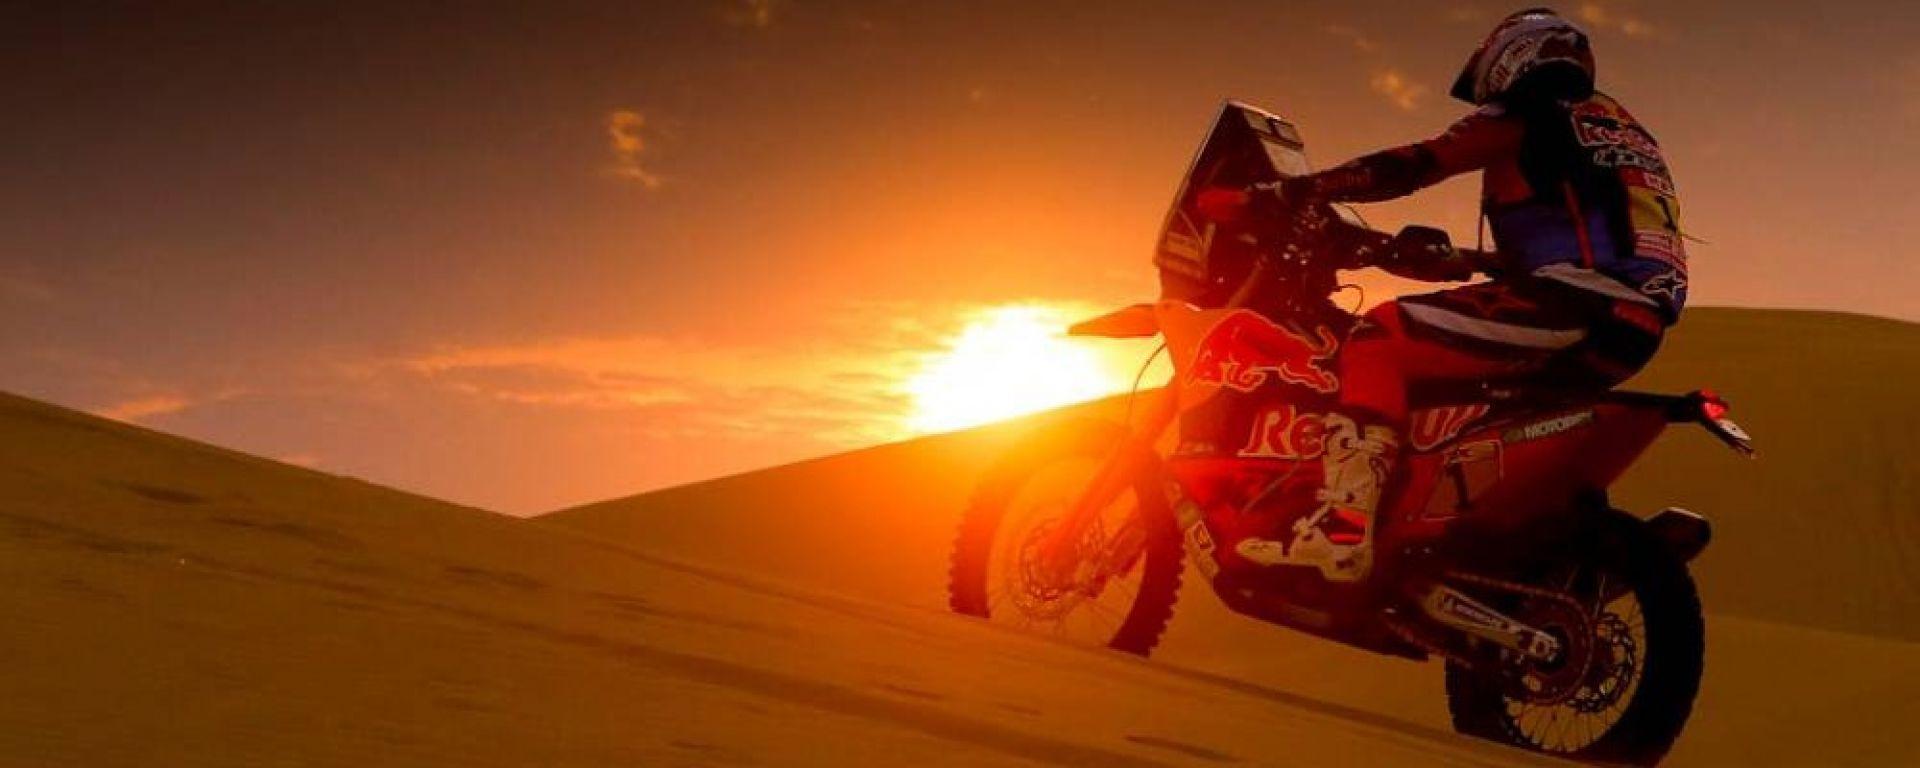 Dakar 2018, Sam Sunderland